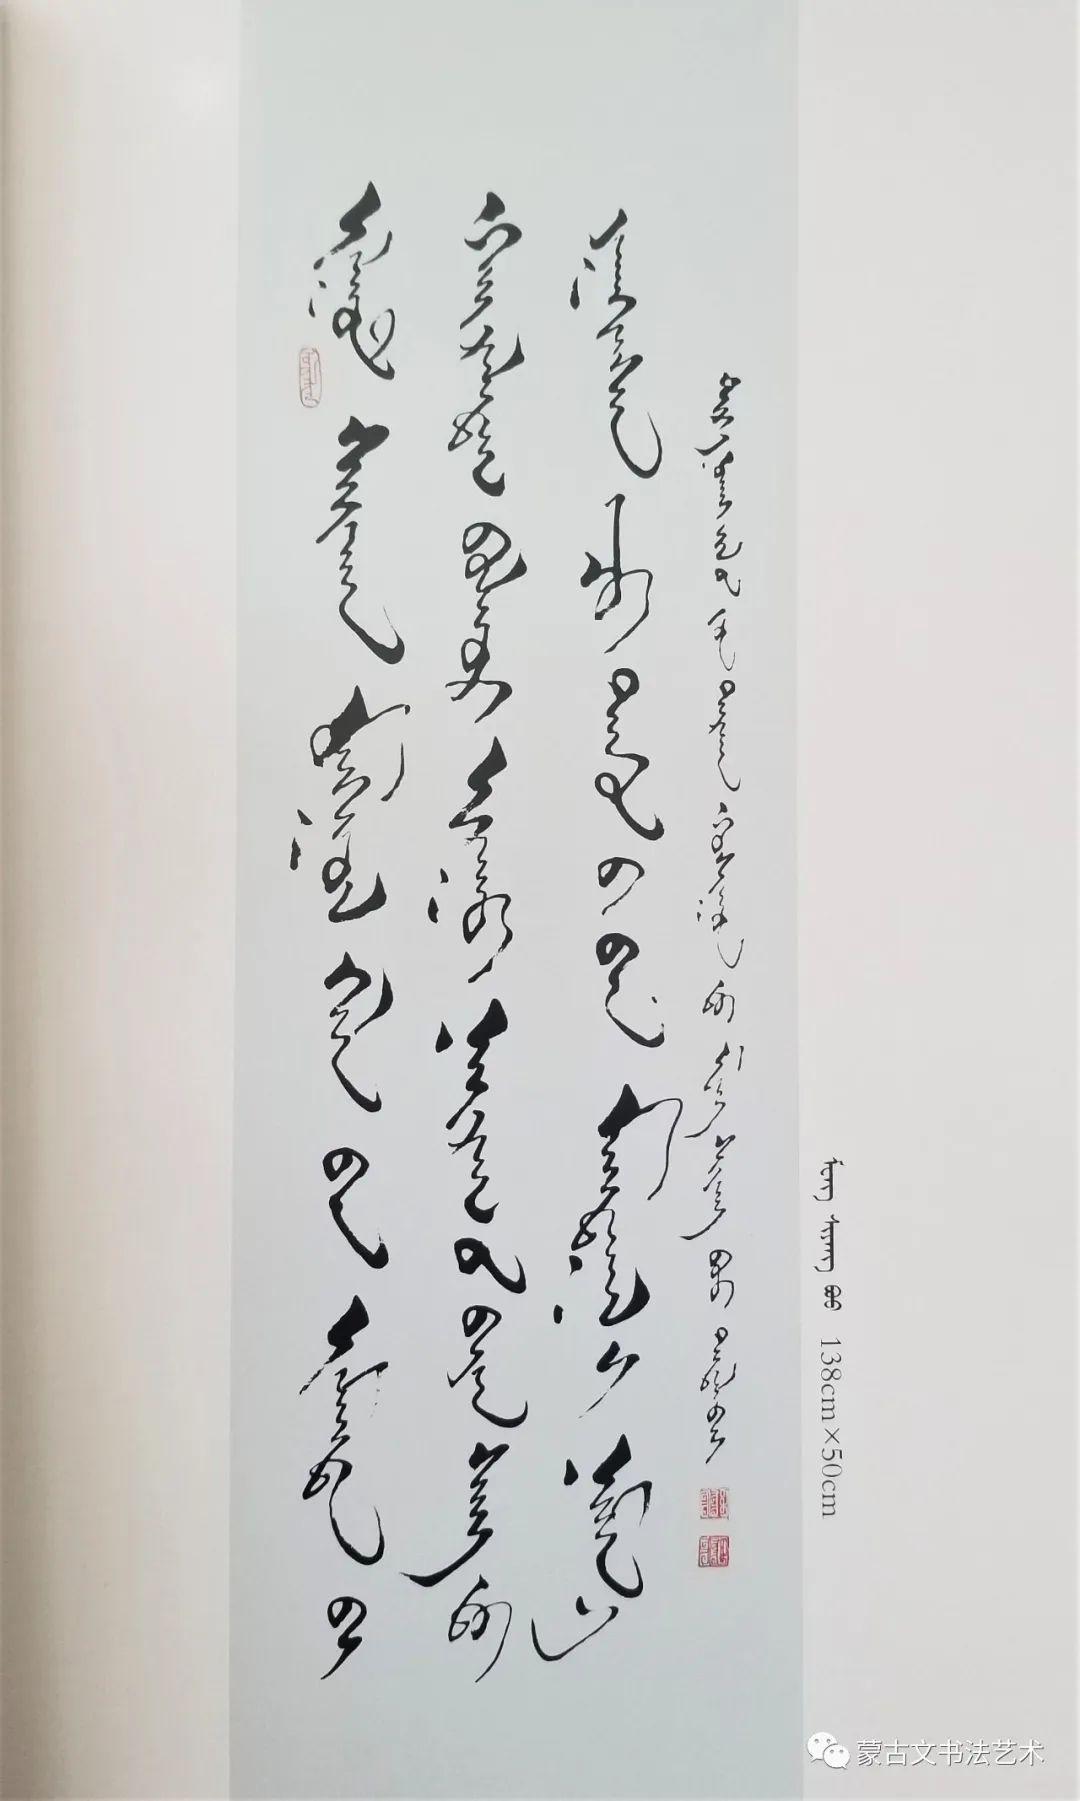 蒙古文书法作品集 第11张 蒙古文书法作品集 蒙古书法